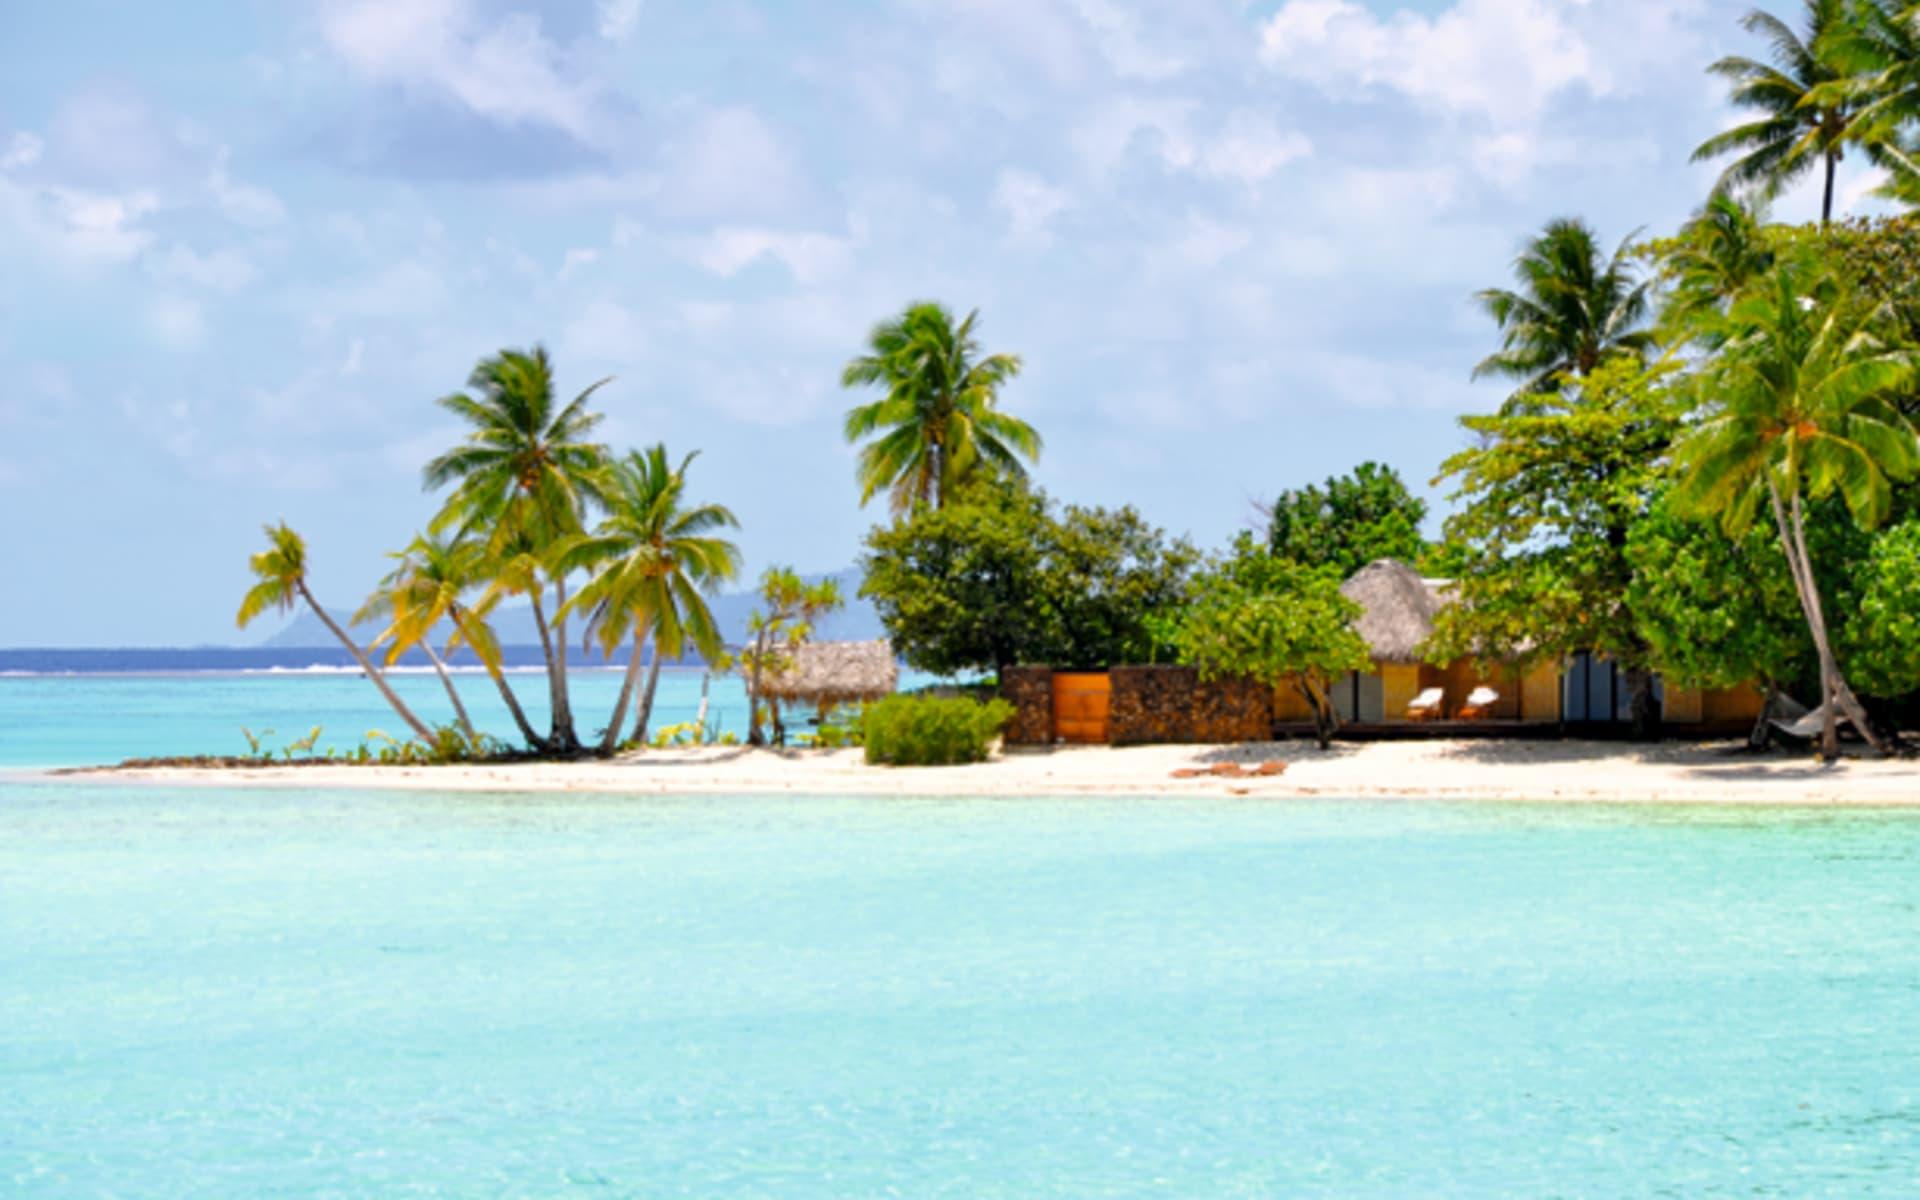 Le Taha'a Private Island & Spa:  Le Taha'a Private Island & Spa  - Beach Villa